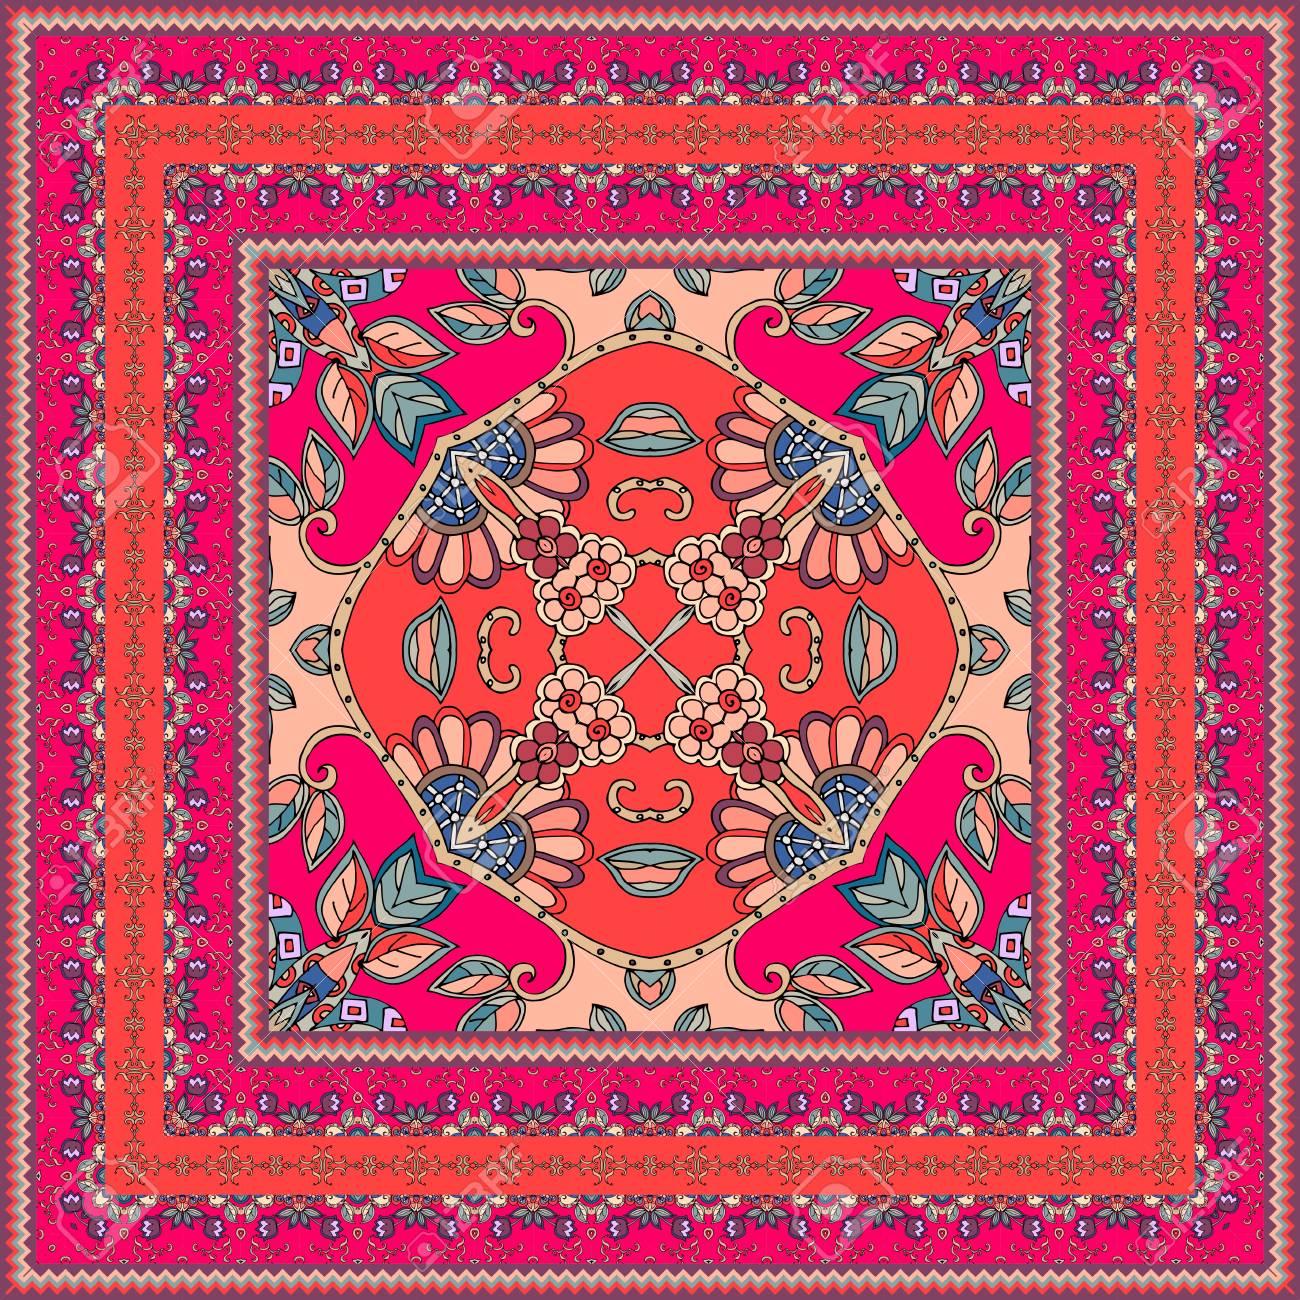 banque d images belle echarpe orientale avec bordure ornementale belle nappe tapis bandana impression taie d oreiller imprimer pour le tissu